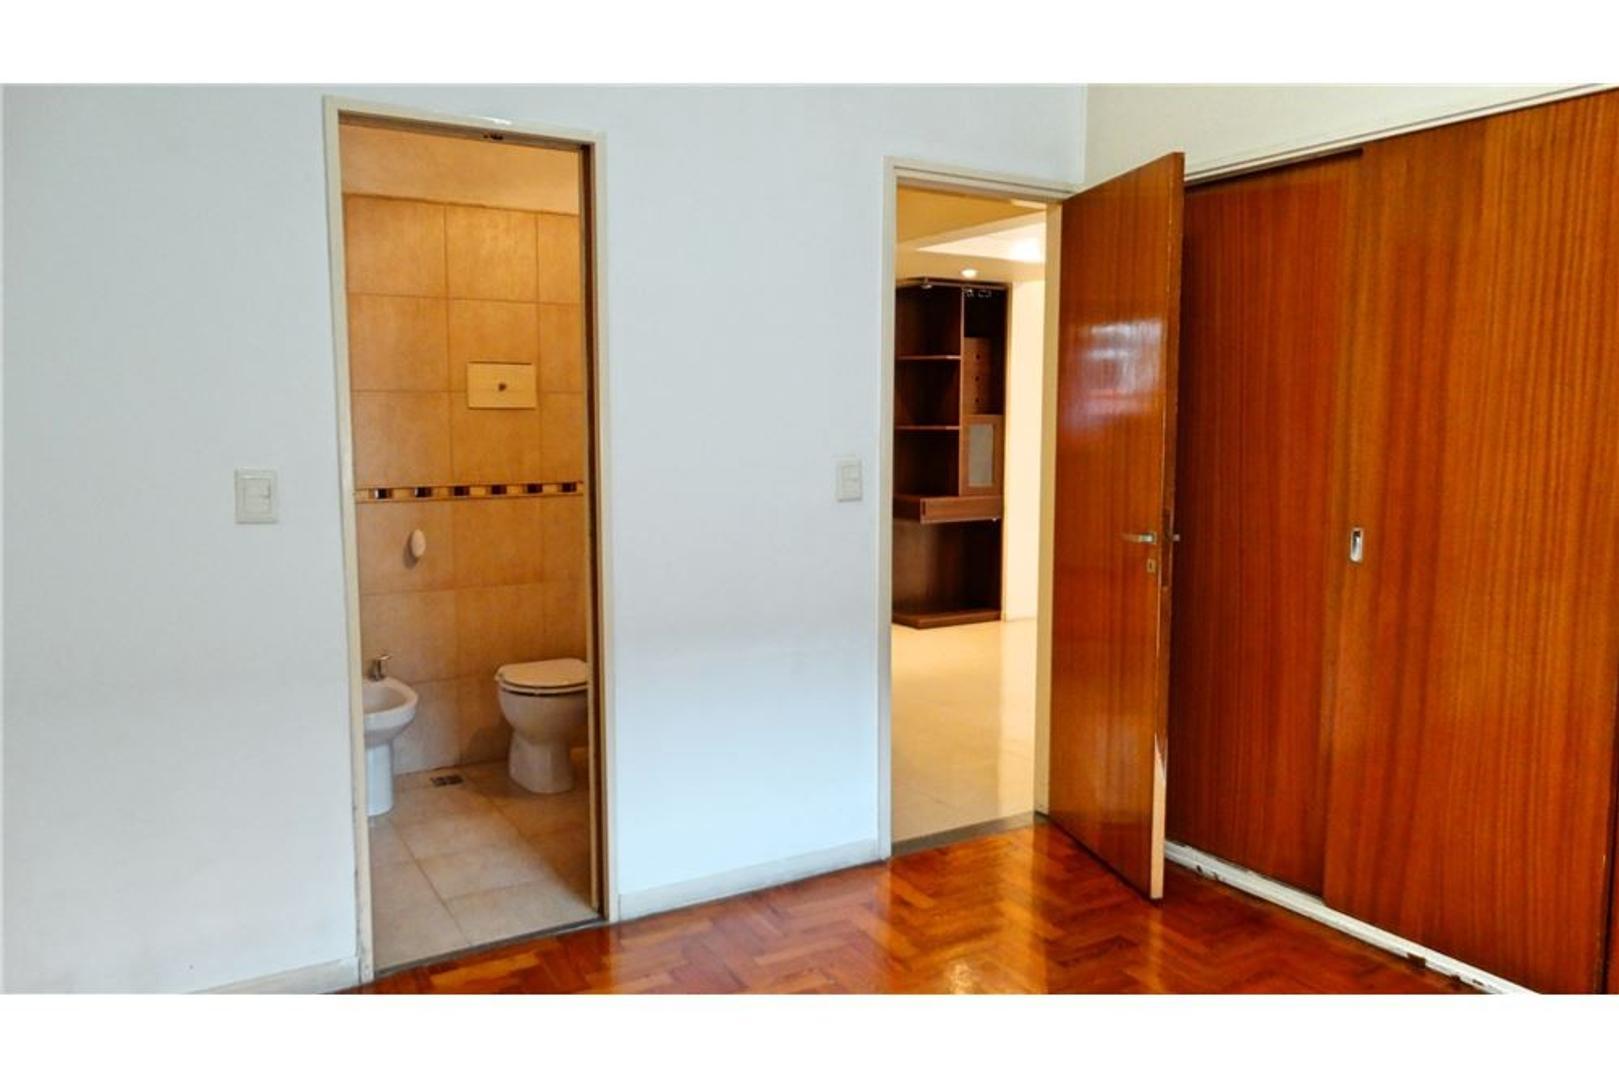 Departamento - 64 m² | 2 dormitorios | 39 años